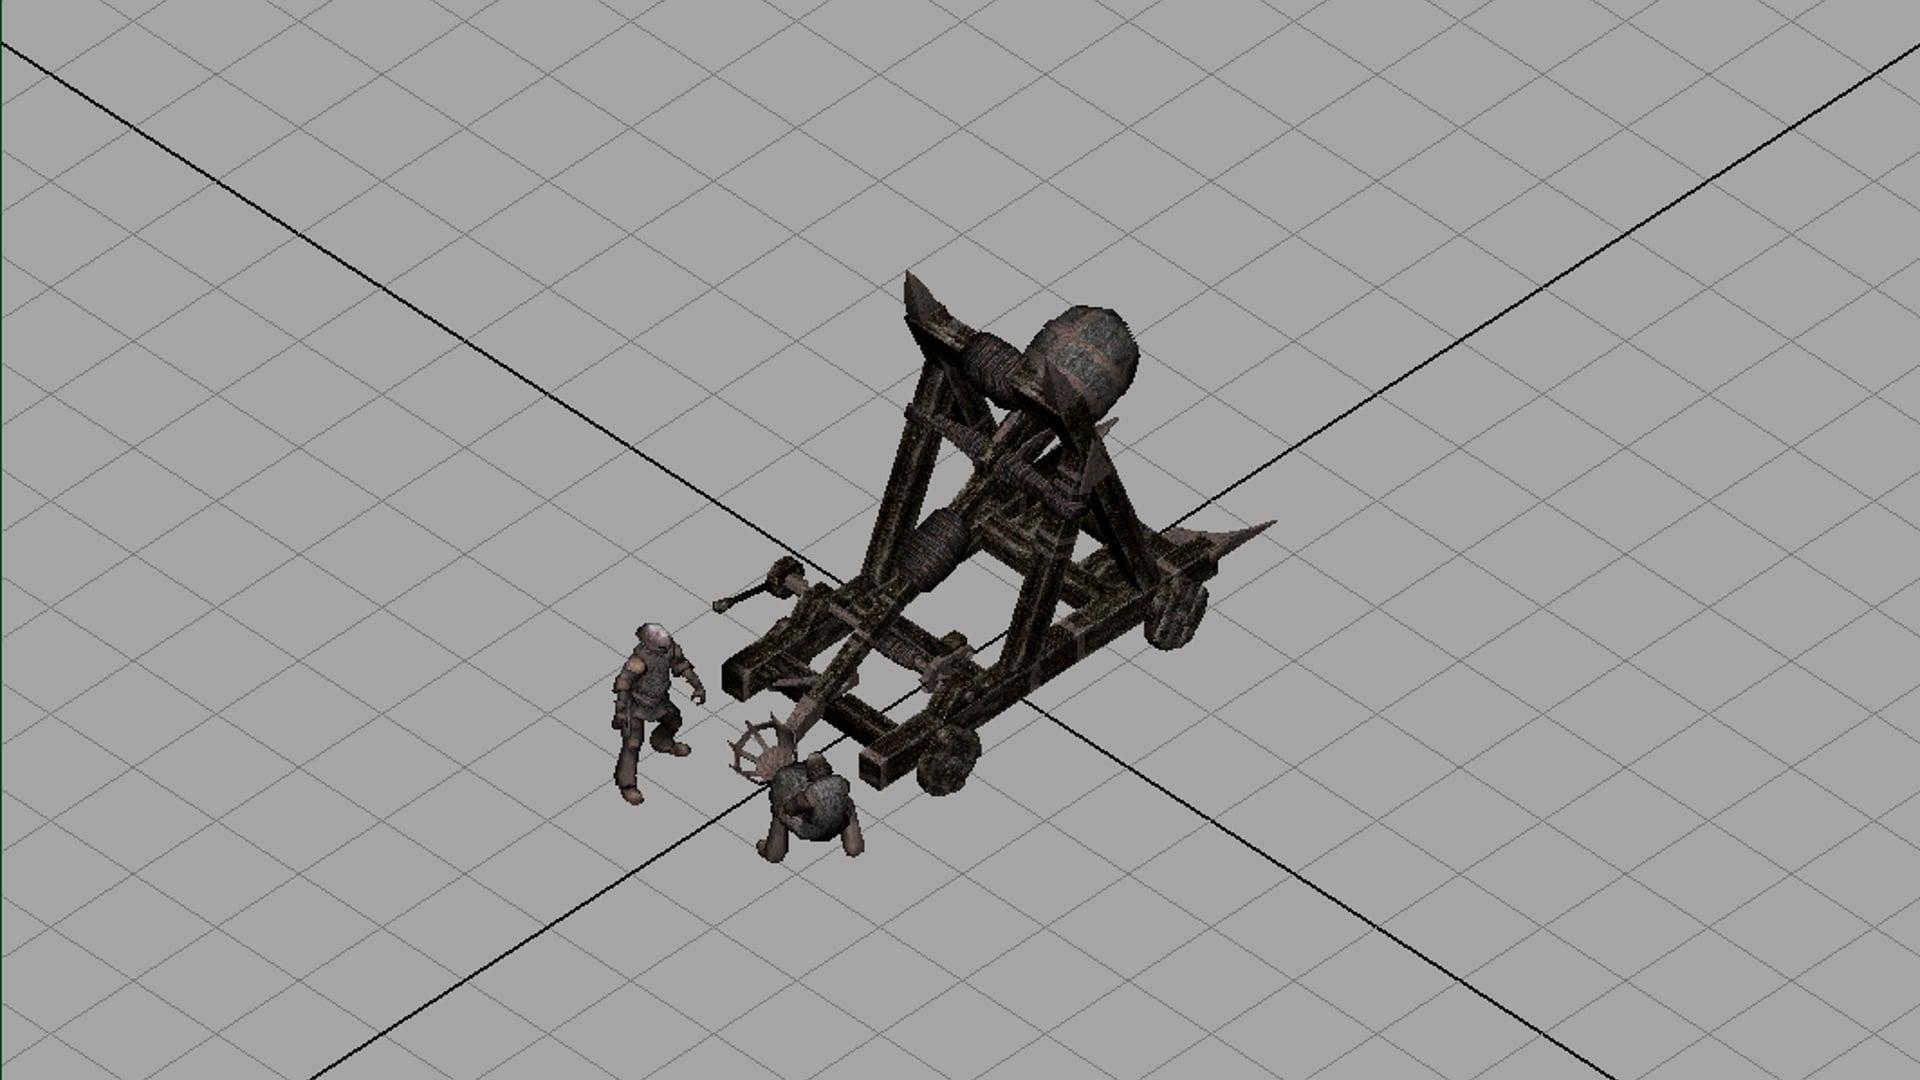 03_catapult_playblast